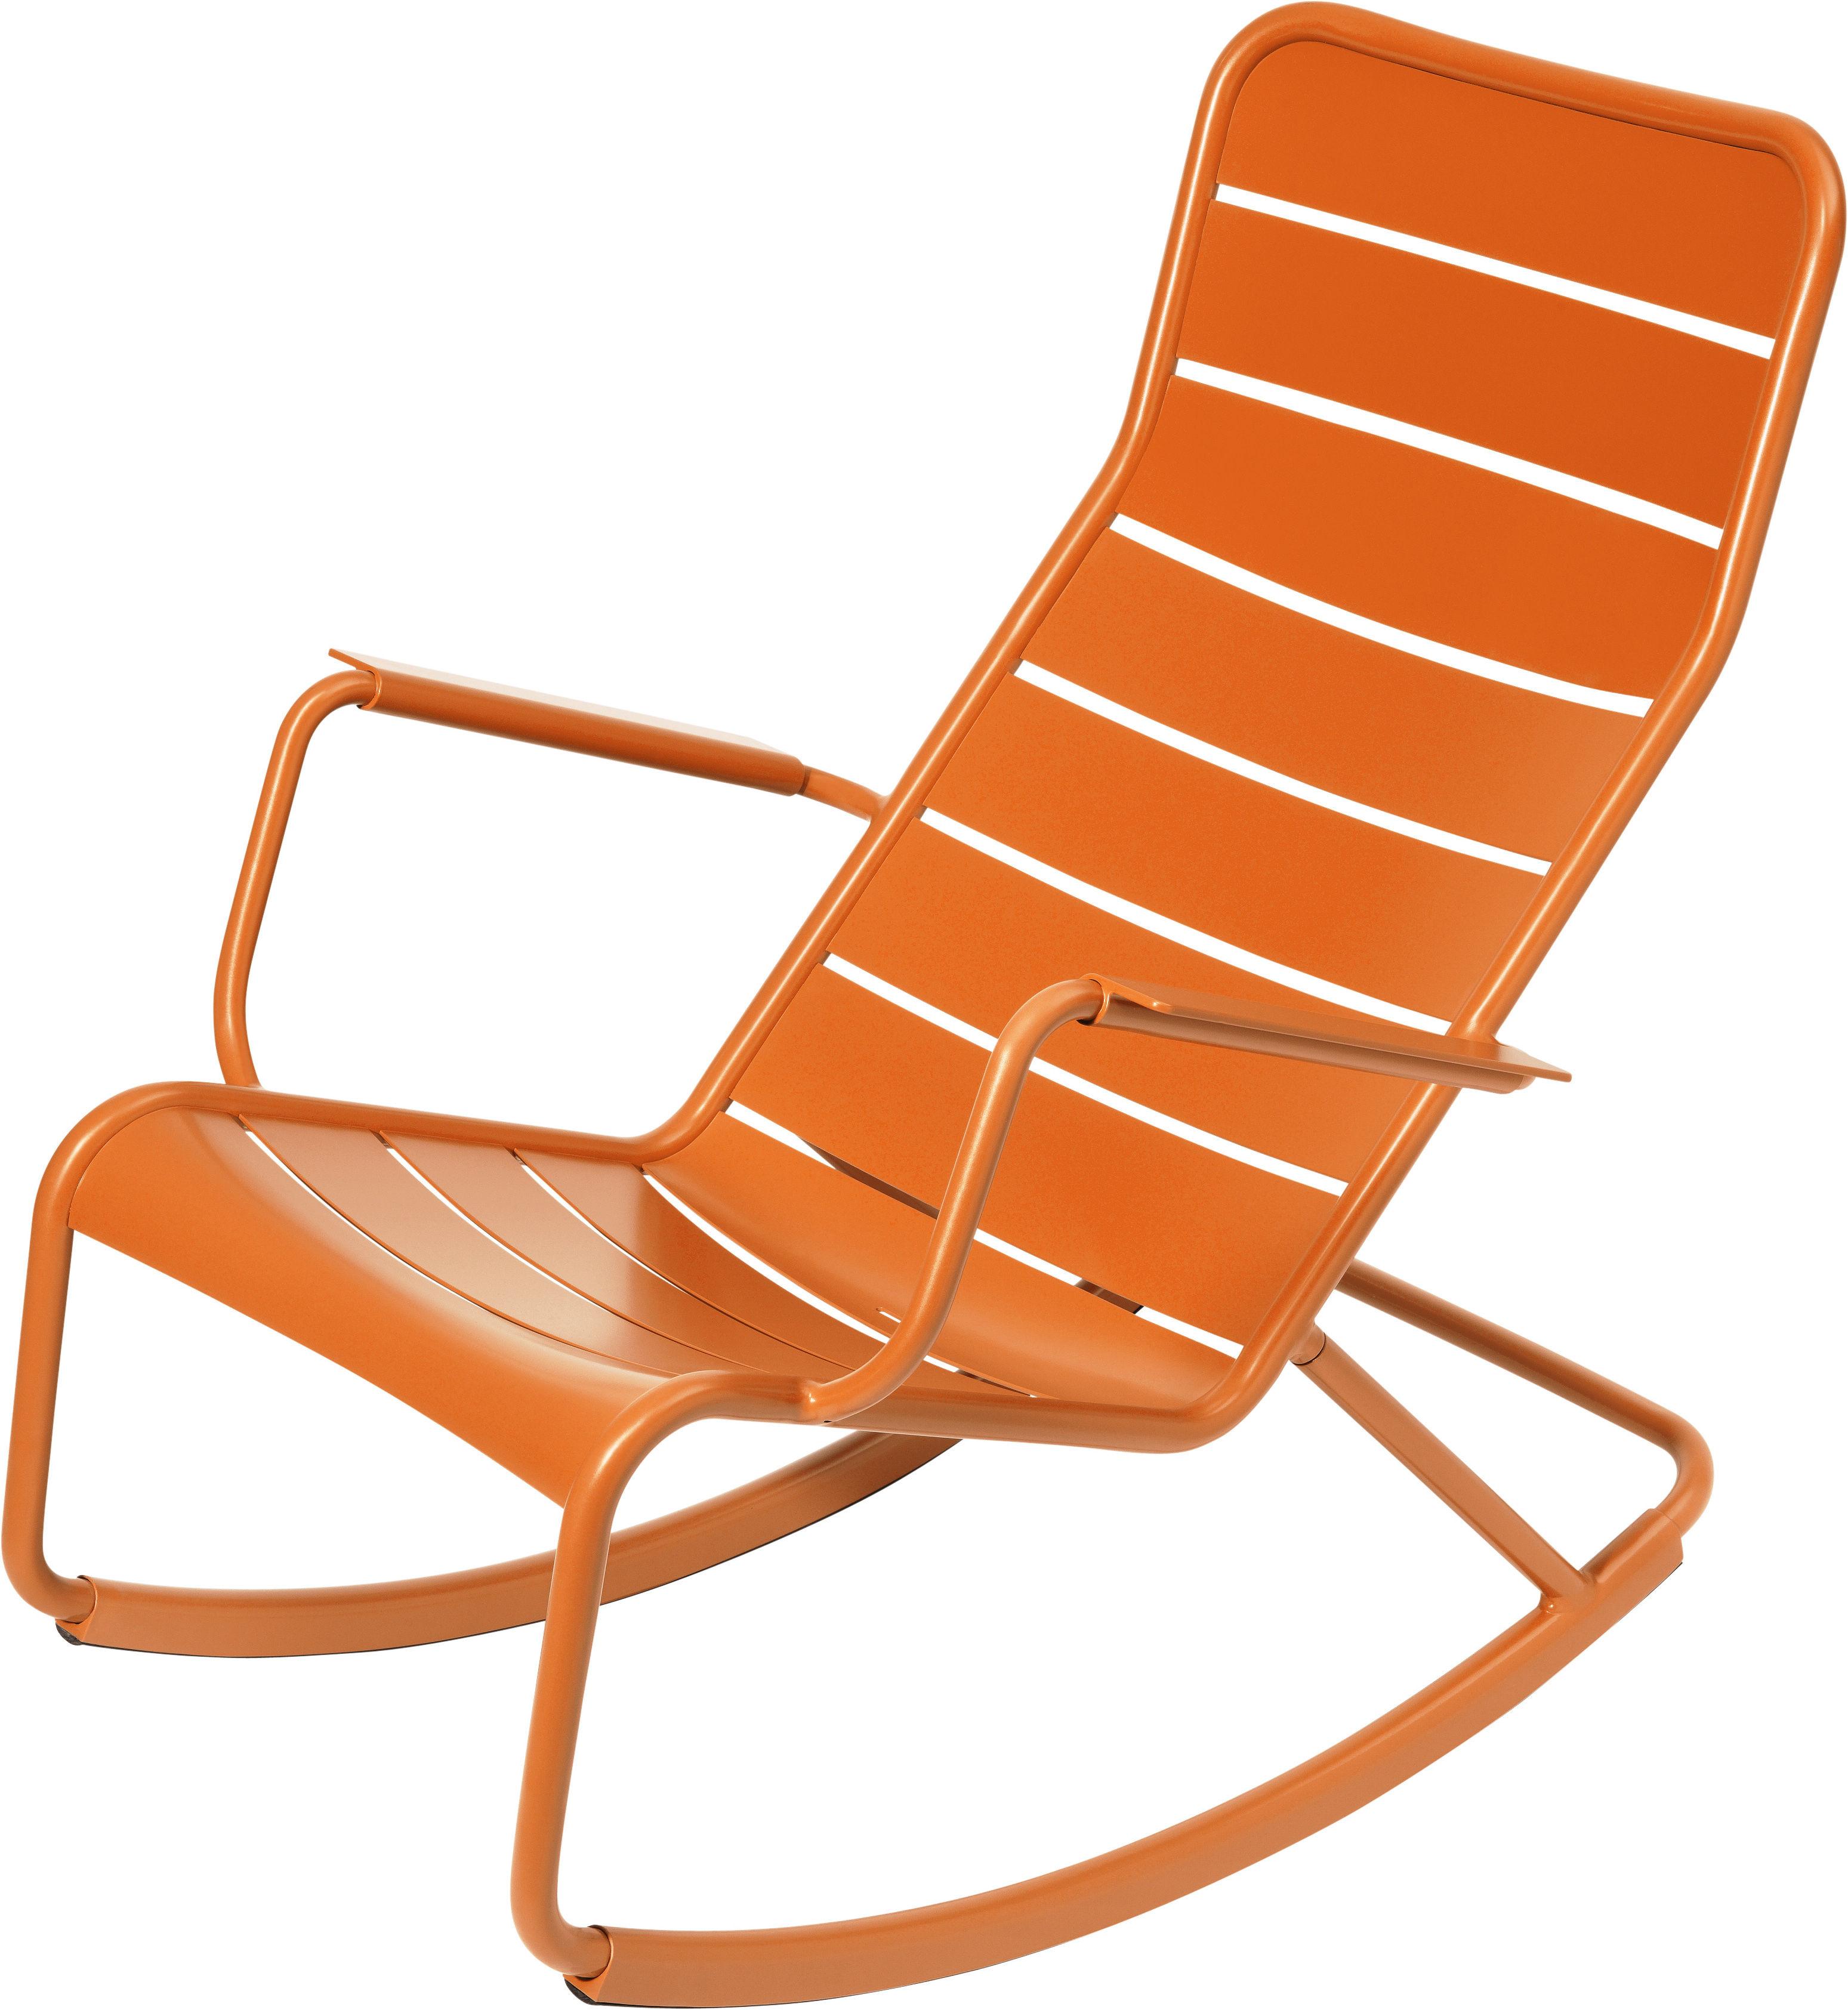 Life Style - Rocking chair Luxembourg di Fermob - Carota - Alluminio laccato